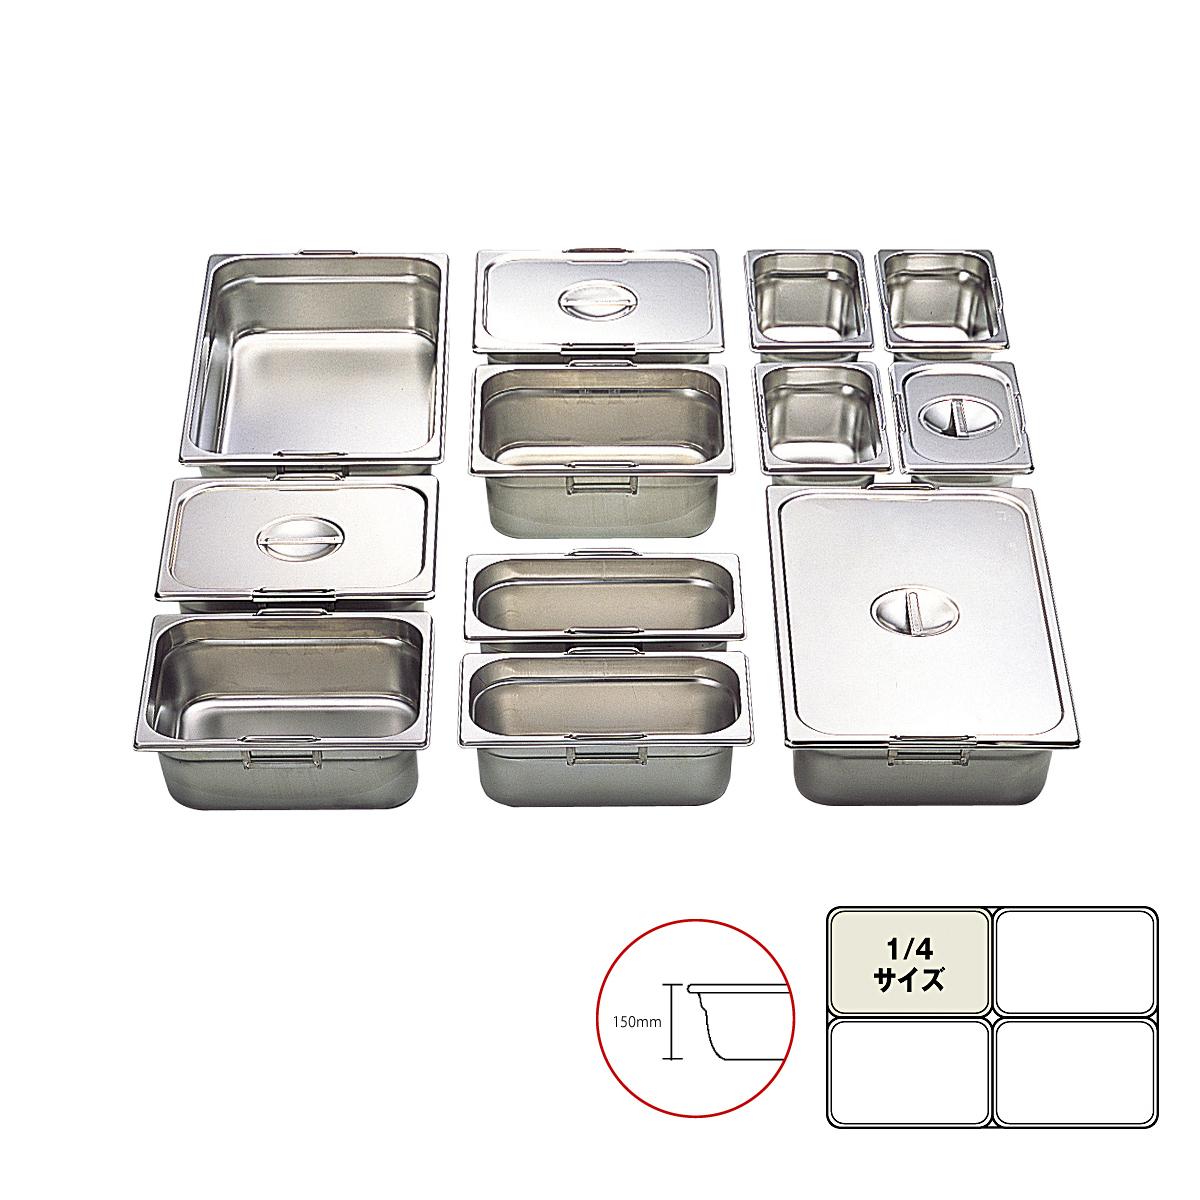 リーバー ガストロノームパン 1/4×H150mm 14150F ホテルパン